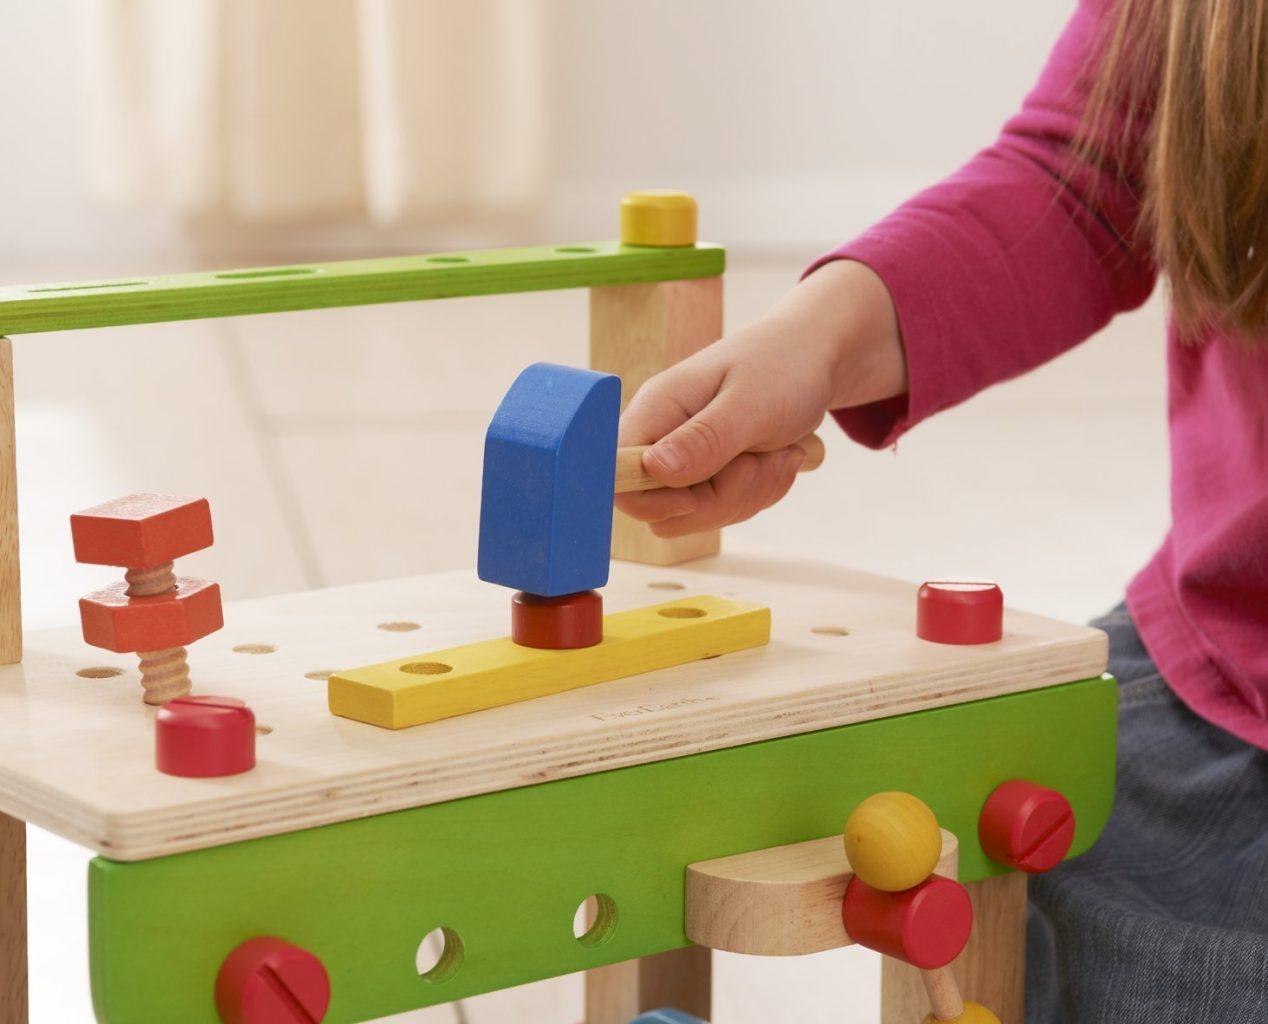 Regali per bambini di 3 - 6 anni